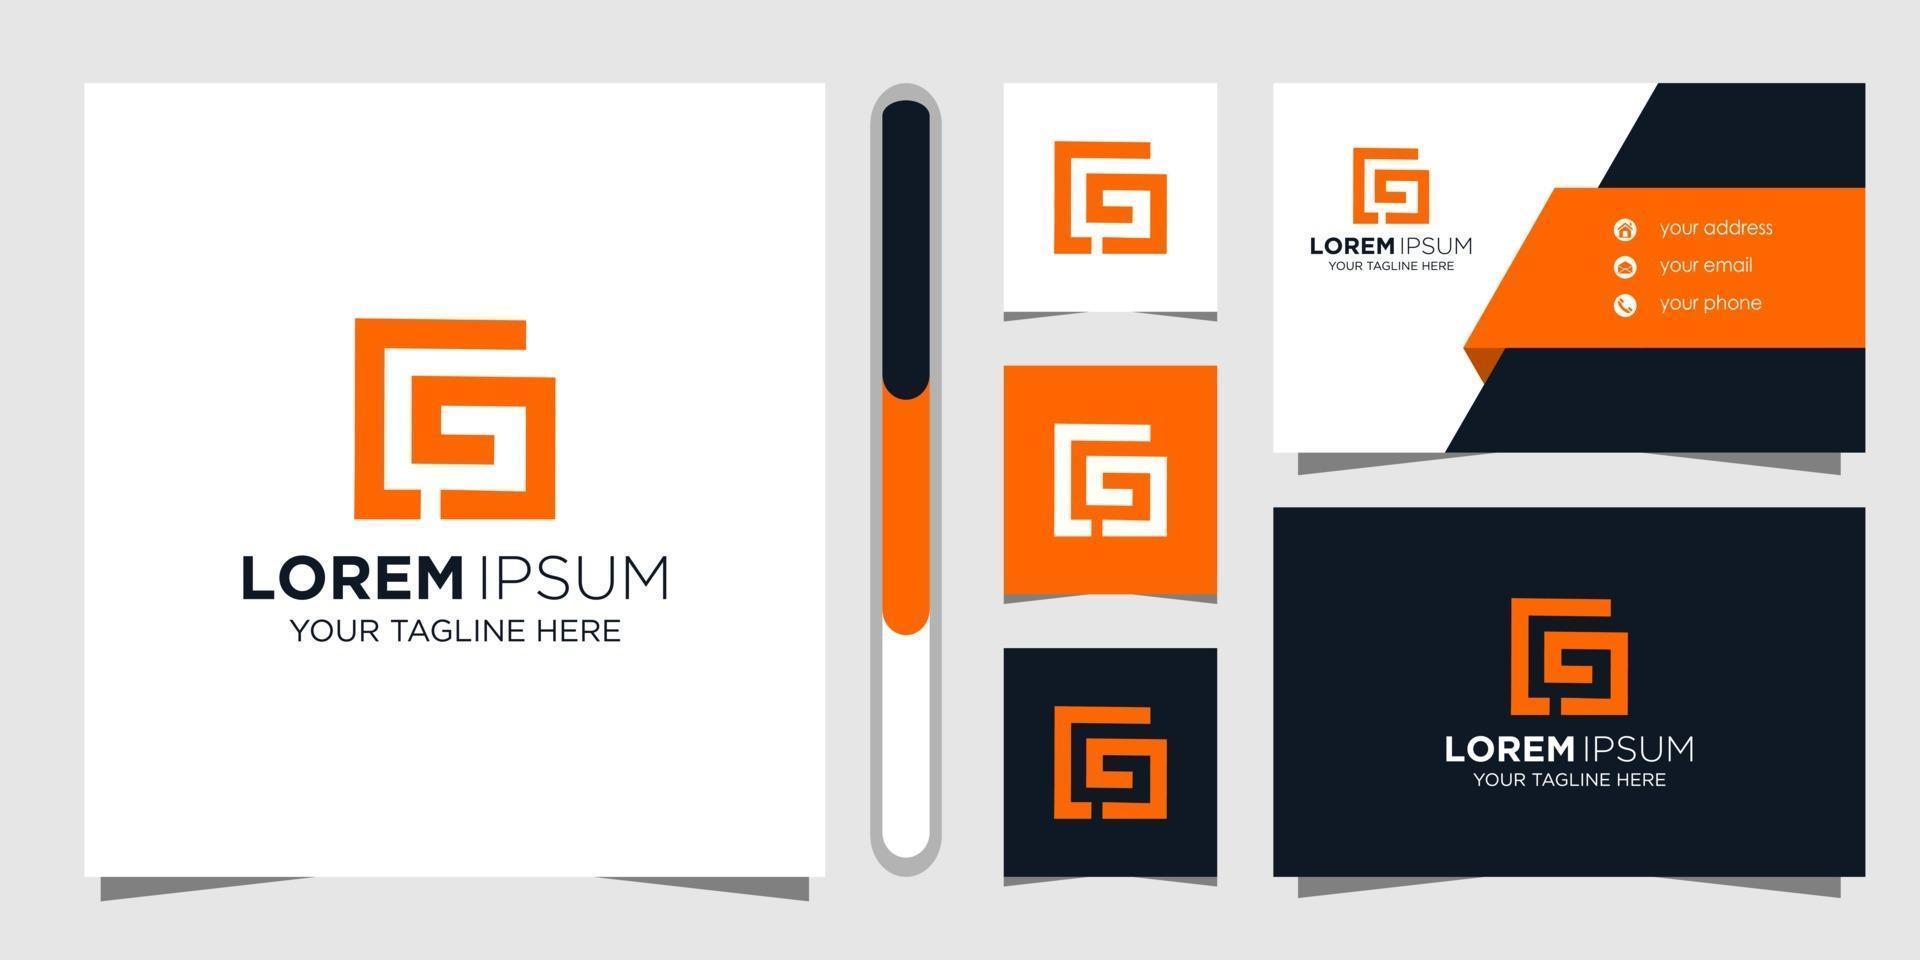 letter cg logo ontwerp en visitekaartje vector